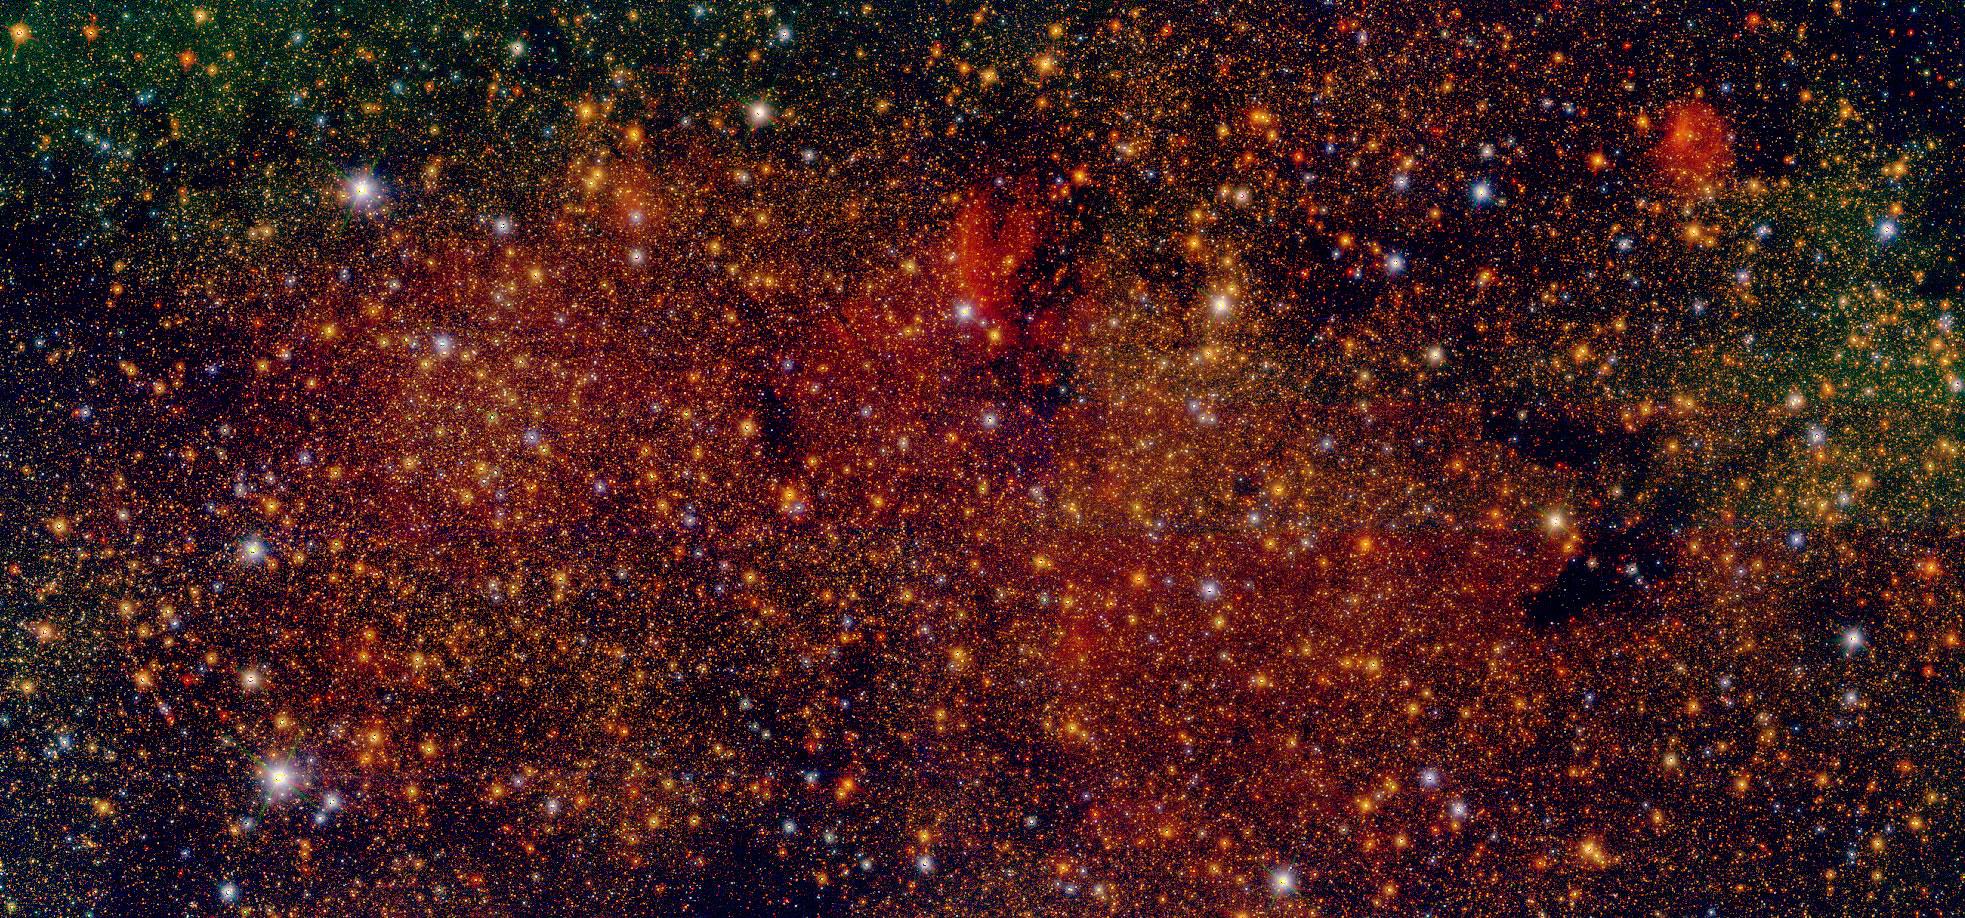 imagen de Imagen en falso color de uno de los campos estudiados por el proyecto Galacticnucleus. Fuente: Proyecto Galacticnucleus.